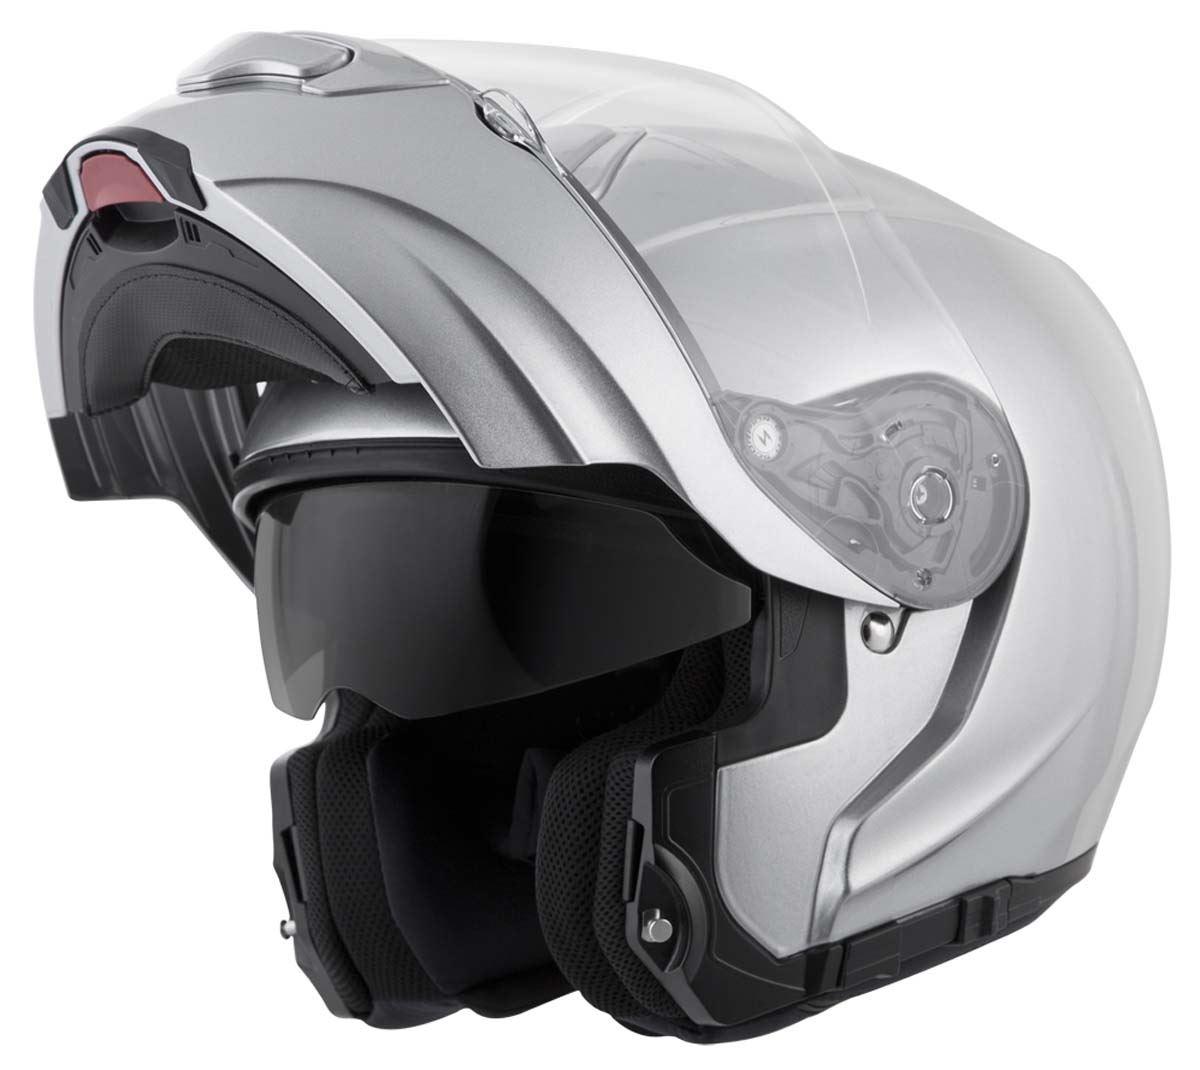 Scorpion-EXO-GT3000-Helmet-Modular-Flip-Up-Premium-DOT-Approved-XS-2XL miniature 12